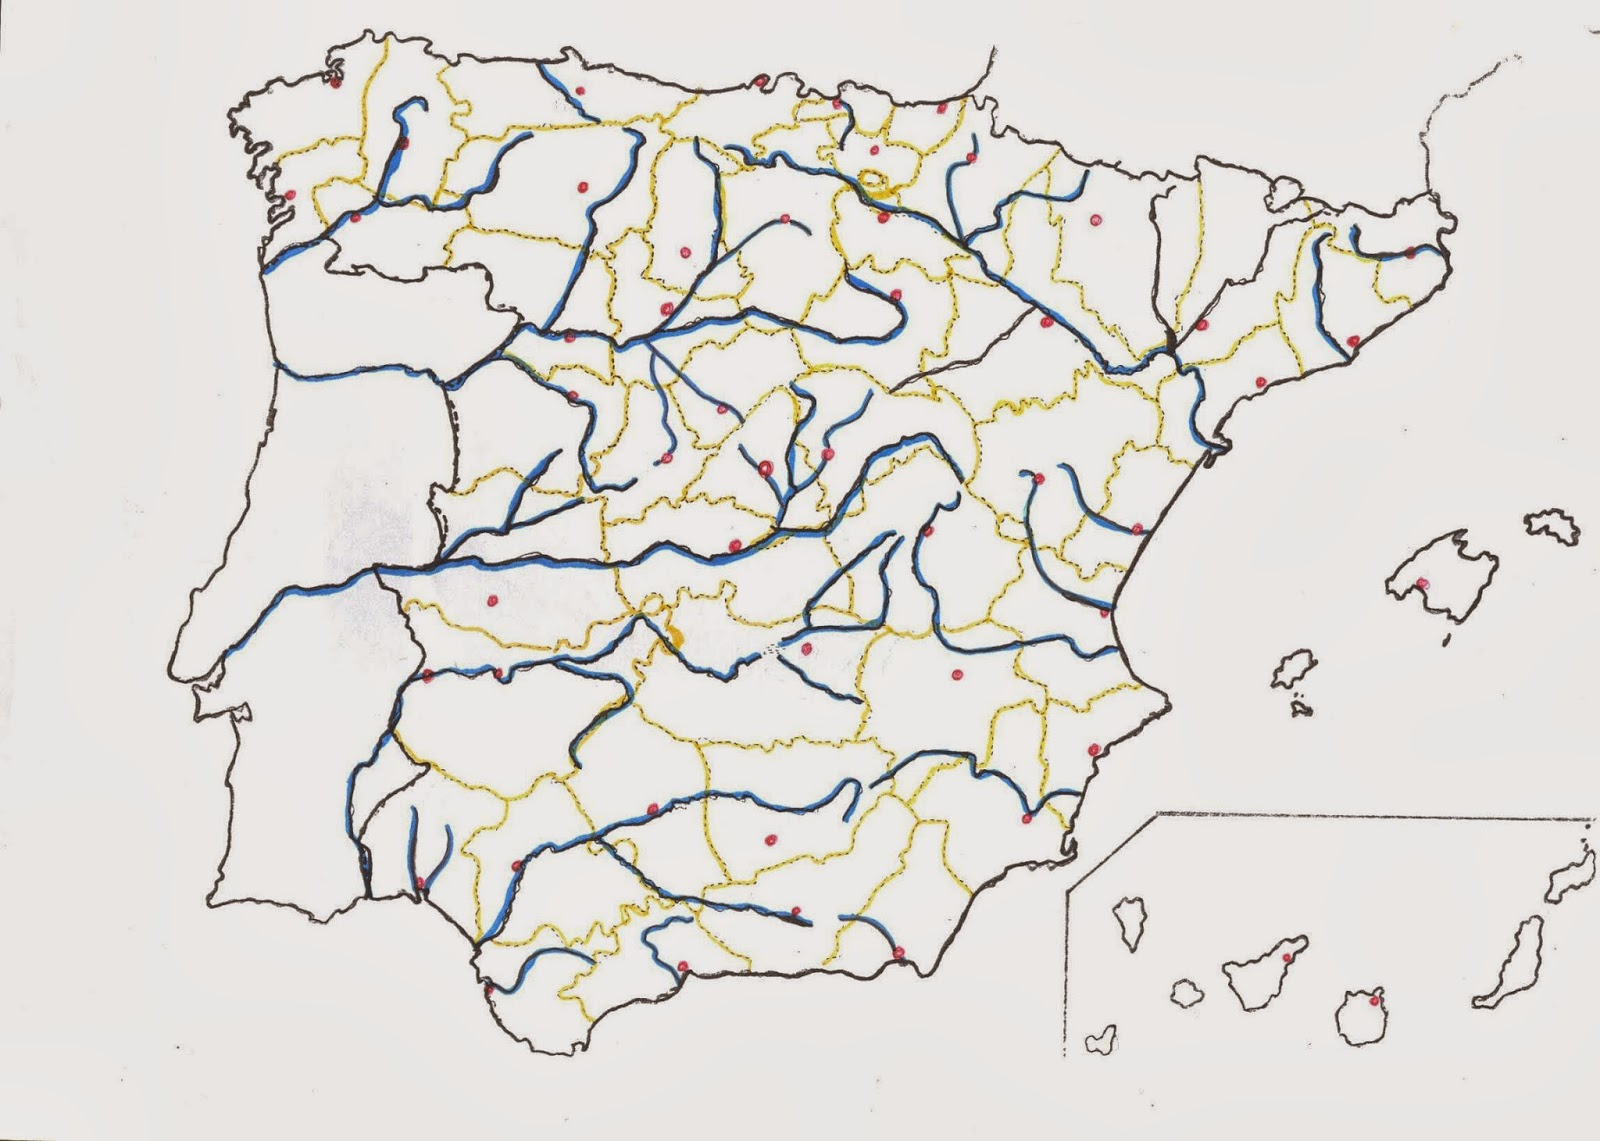 Ciudades de España ¿Cómo se llama?